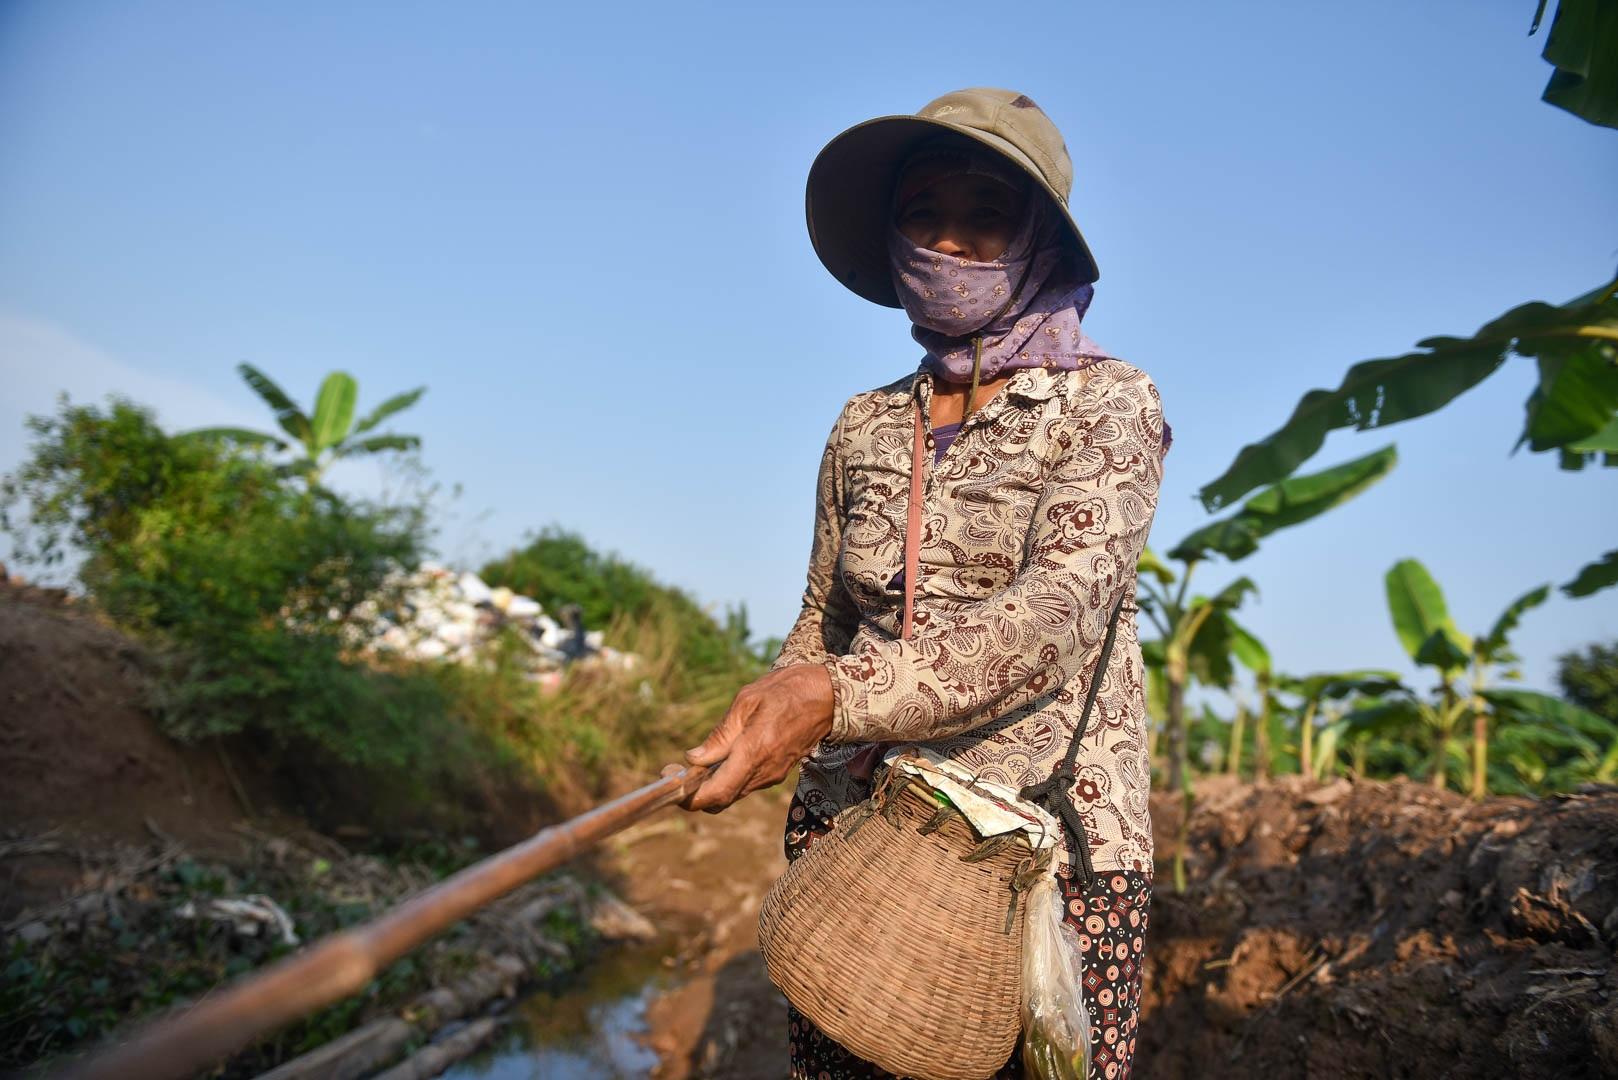 Câu con lộc trời cho: nông dân Hải Dương kiếm nửa triệu đồng mỗi ngày - 2